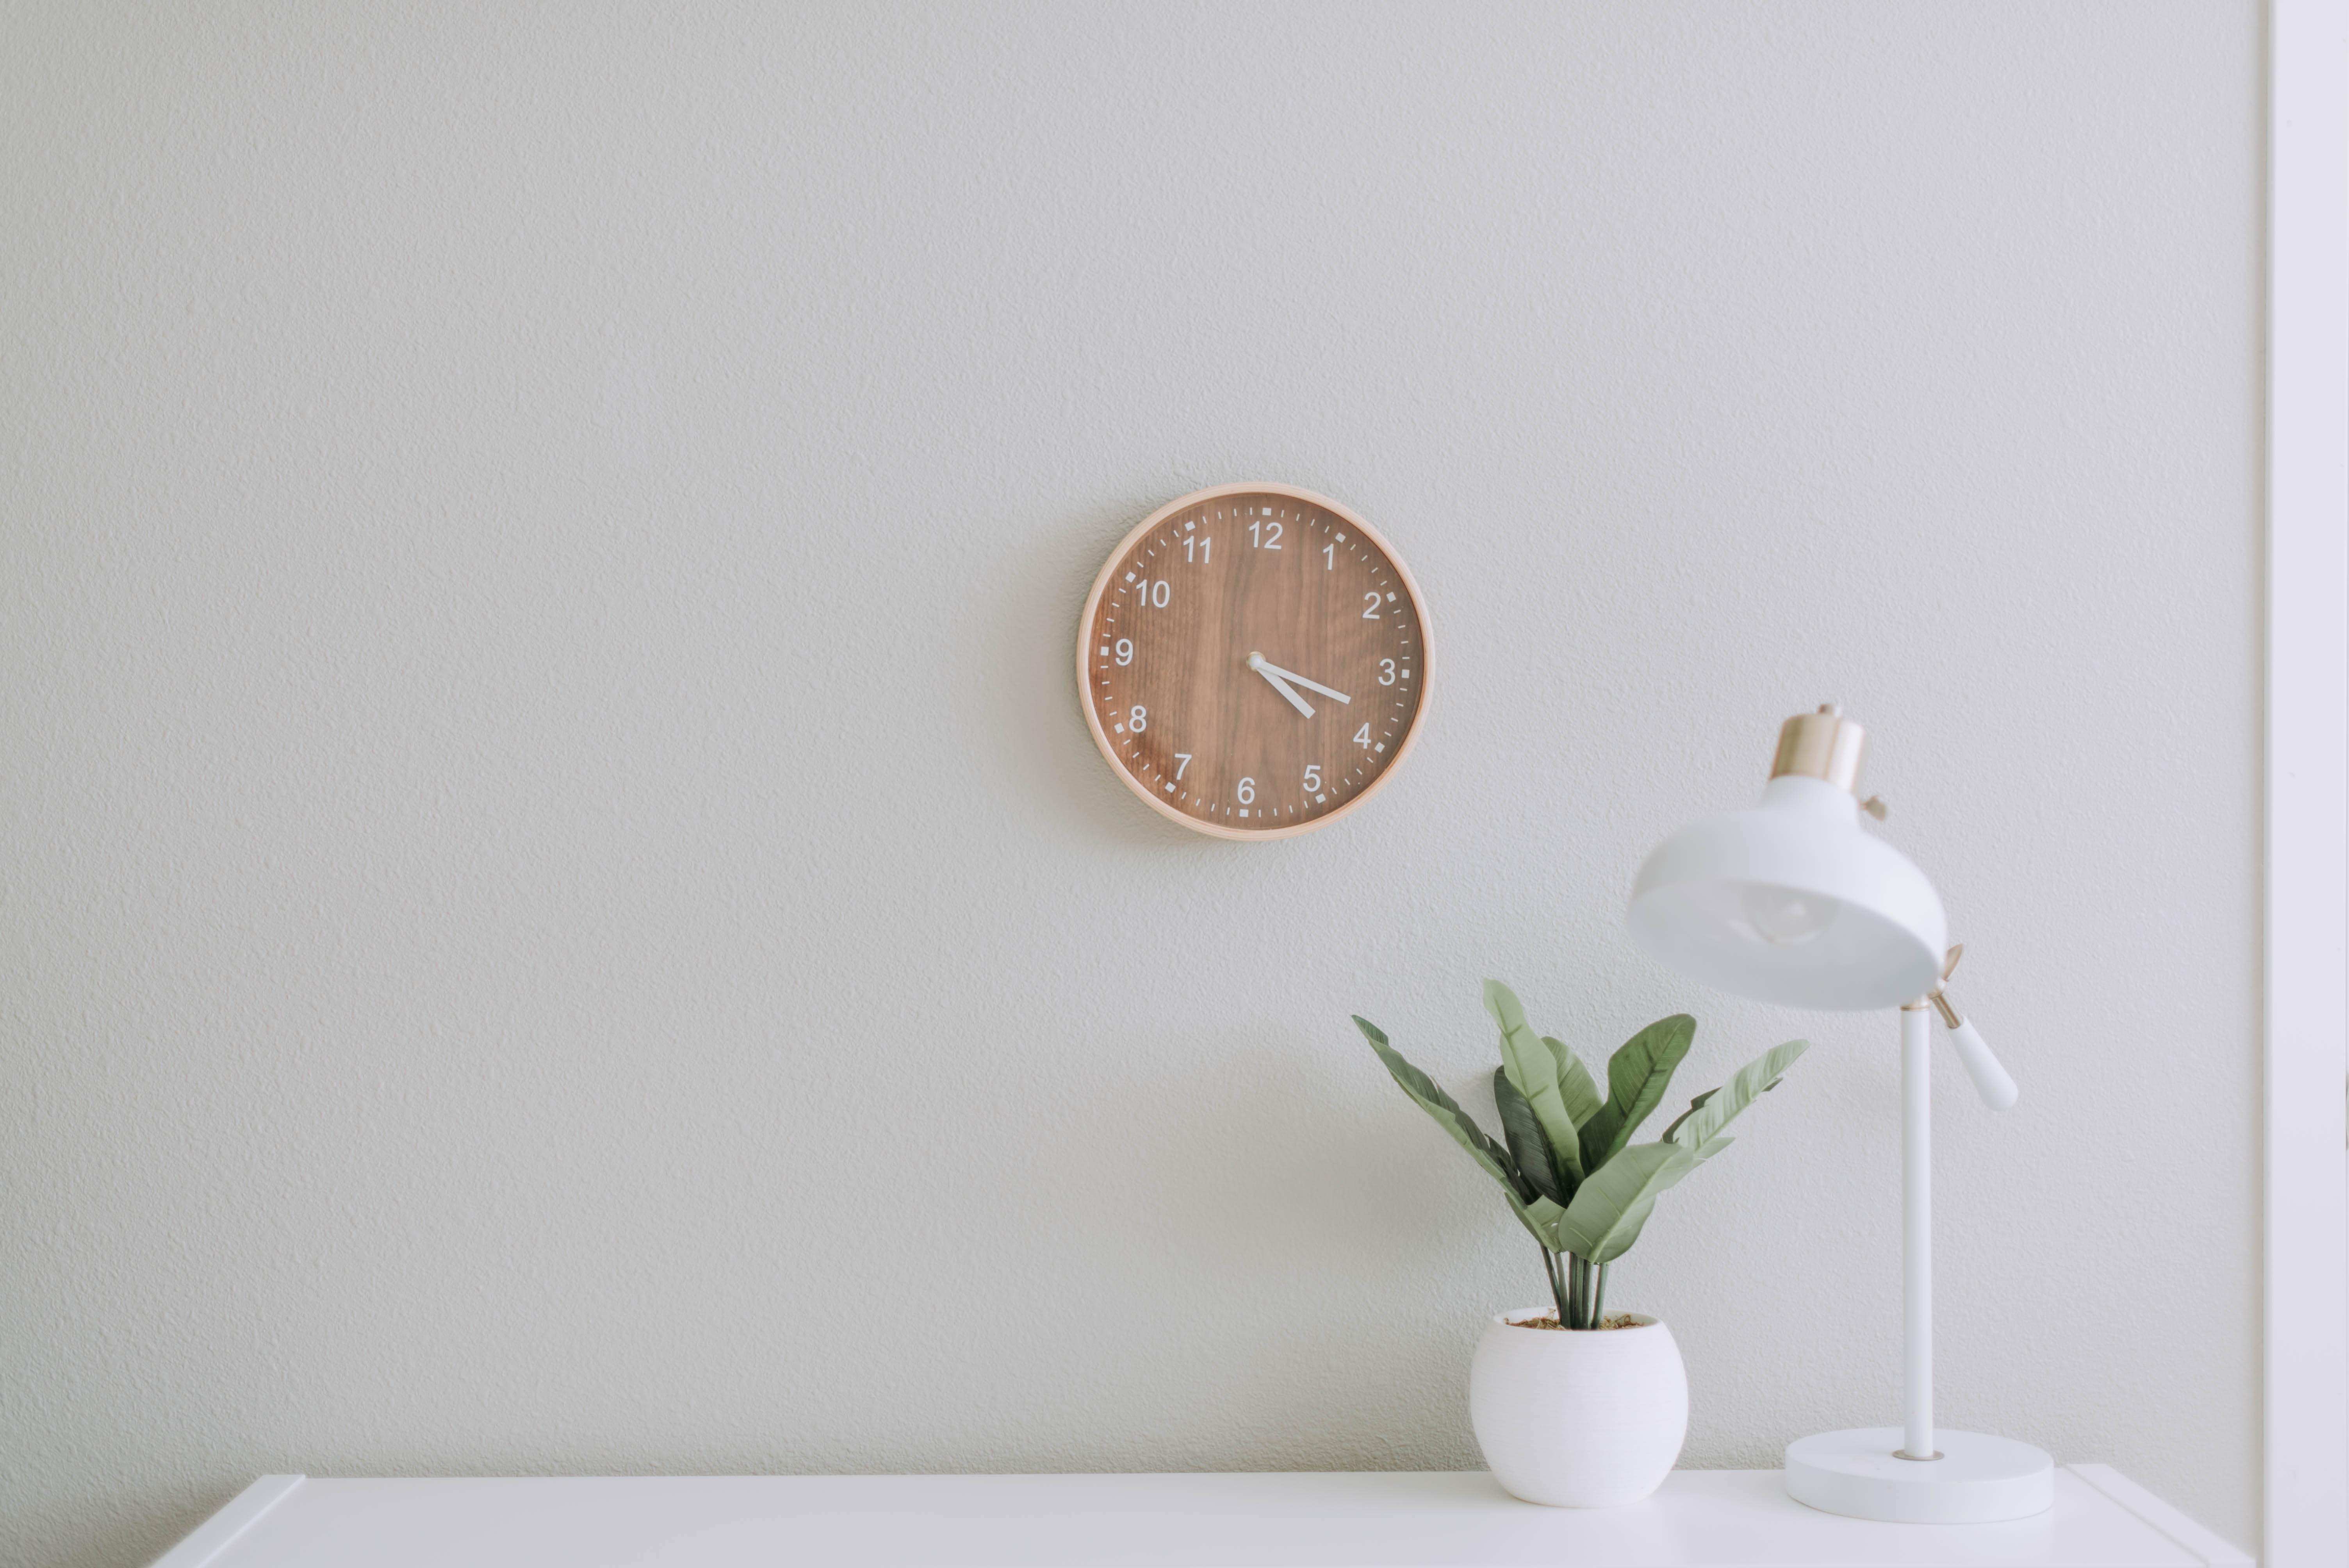 抗菌塗料で室内環境を改善!おすすめ塗料3つと効果を発揮させるコツ